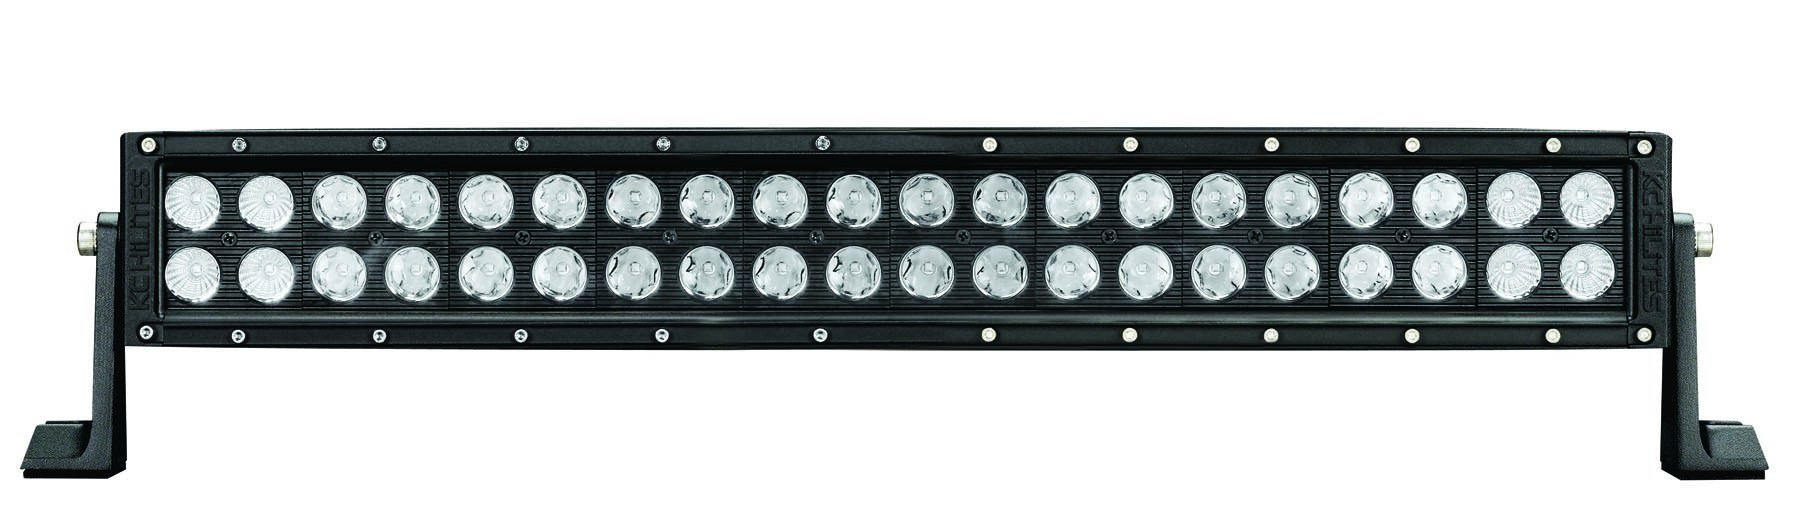 Kc Hilites C20 Series LED Light 20in Light Bar